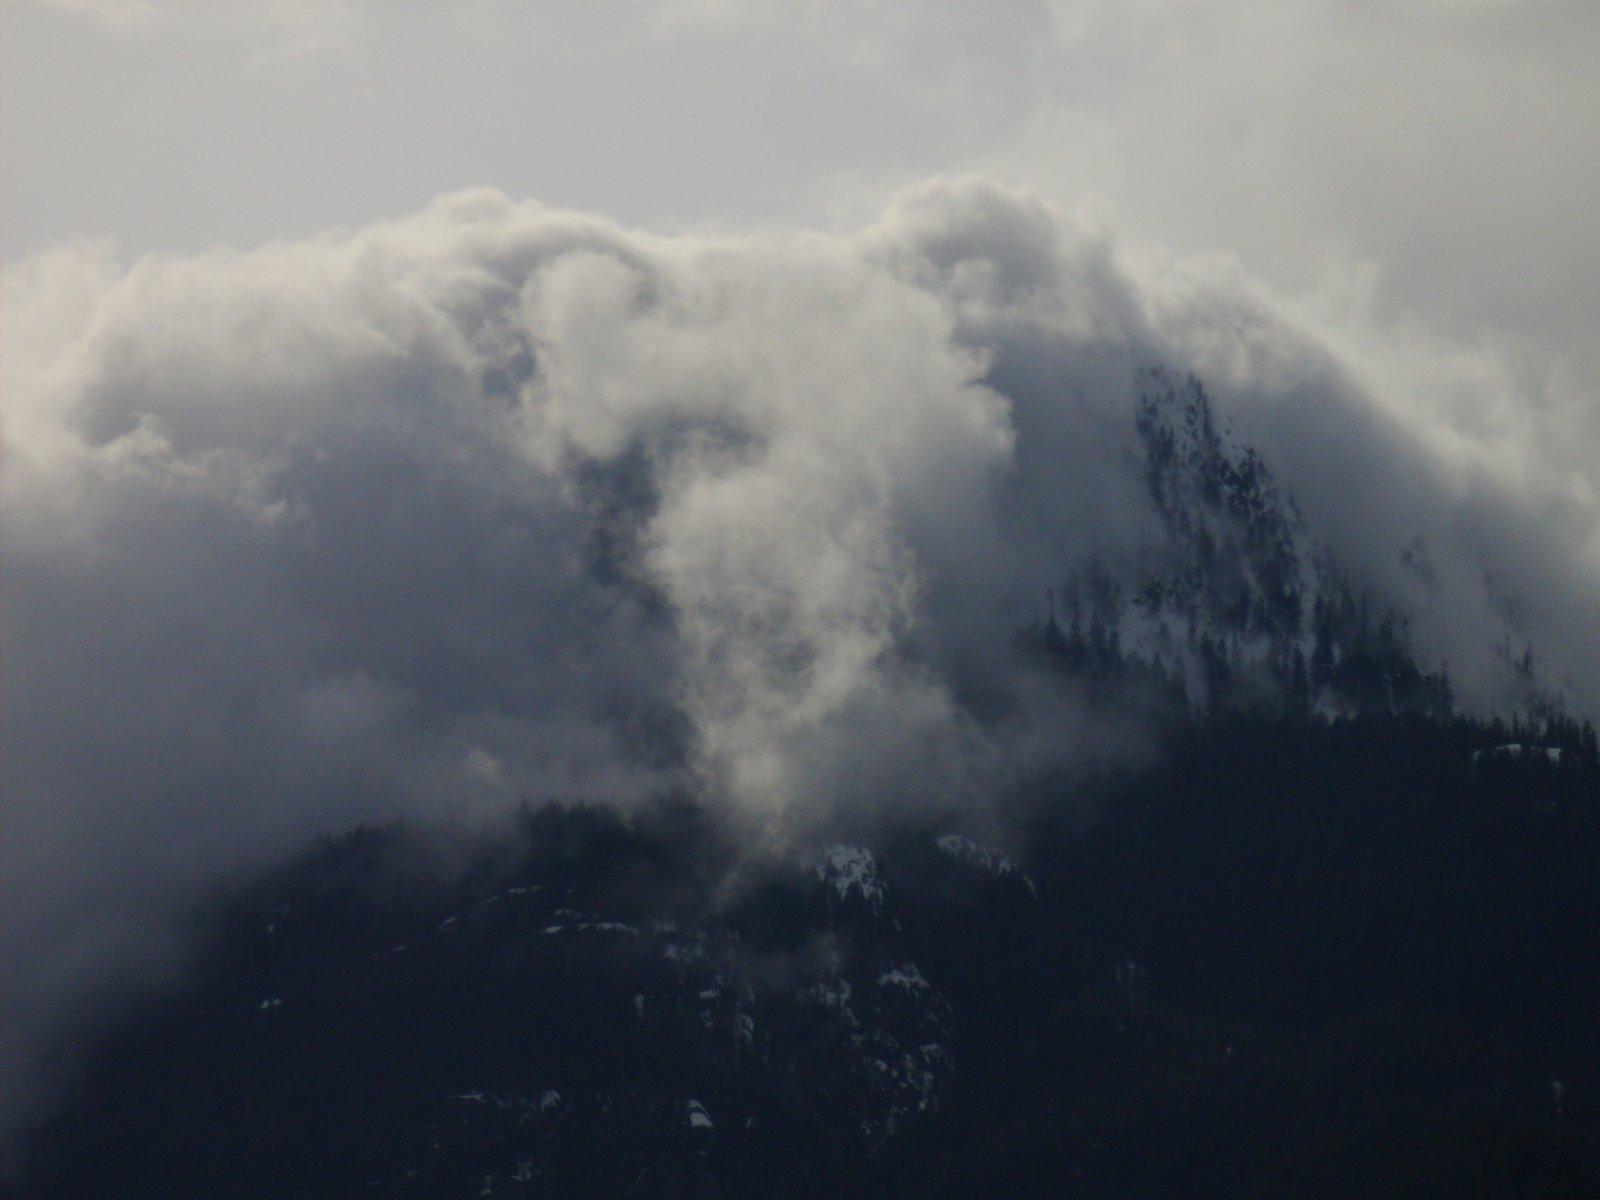 Its a cloud